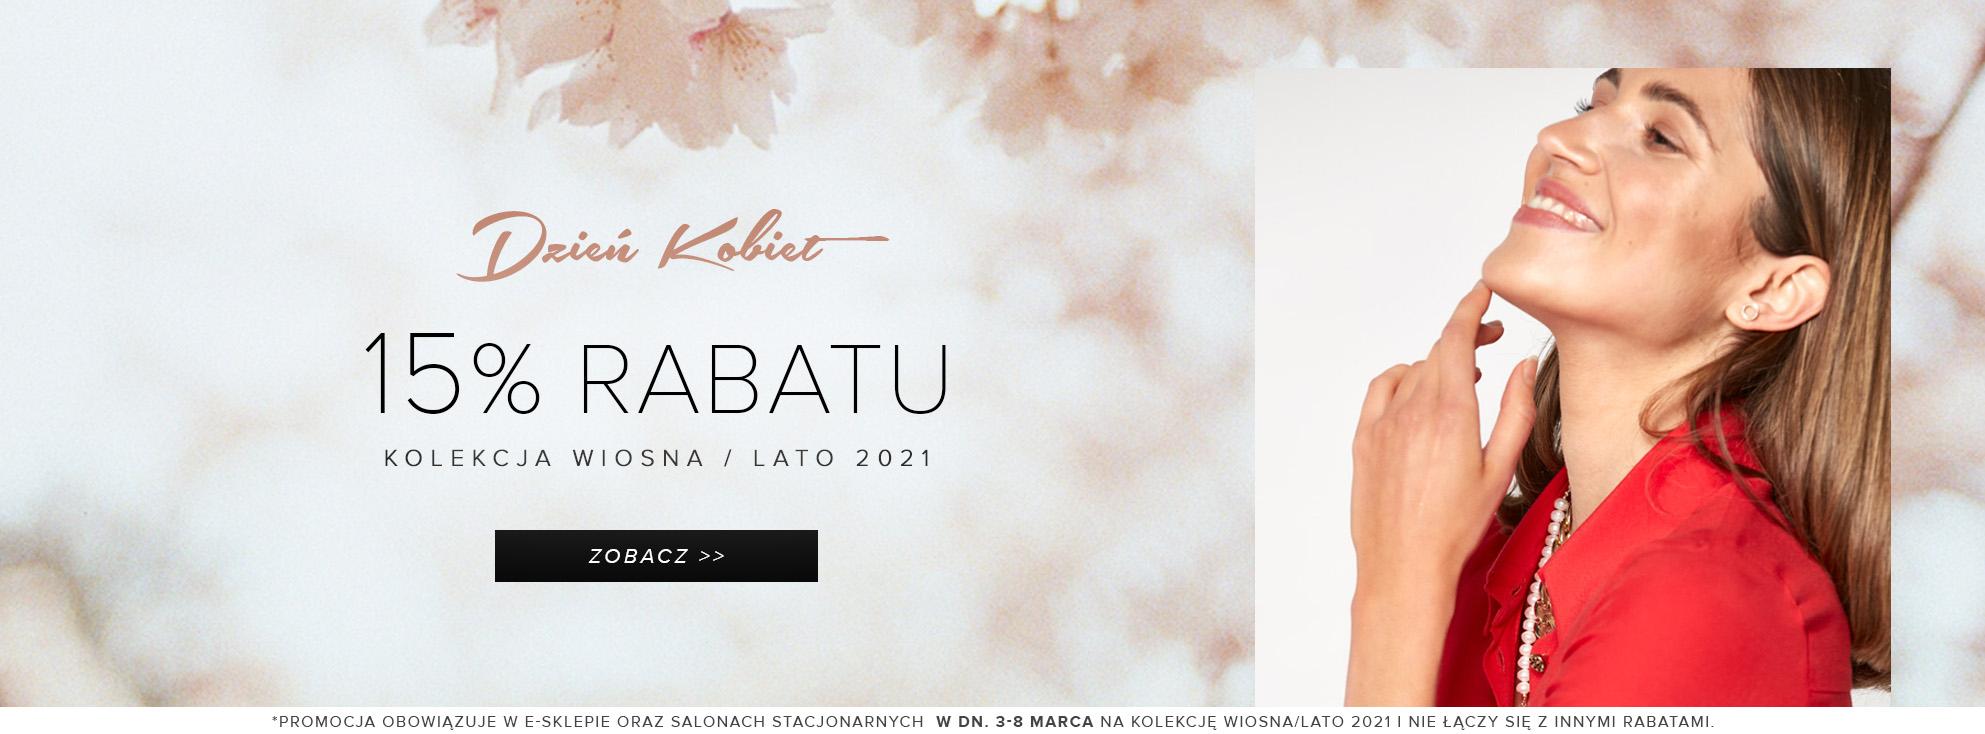 Patrizia Aryton: 15% rabatu na odzież damską z kolekcji wiosna/lato 2021